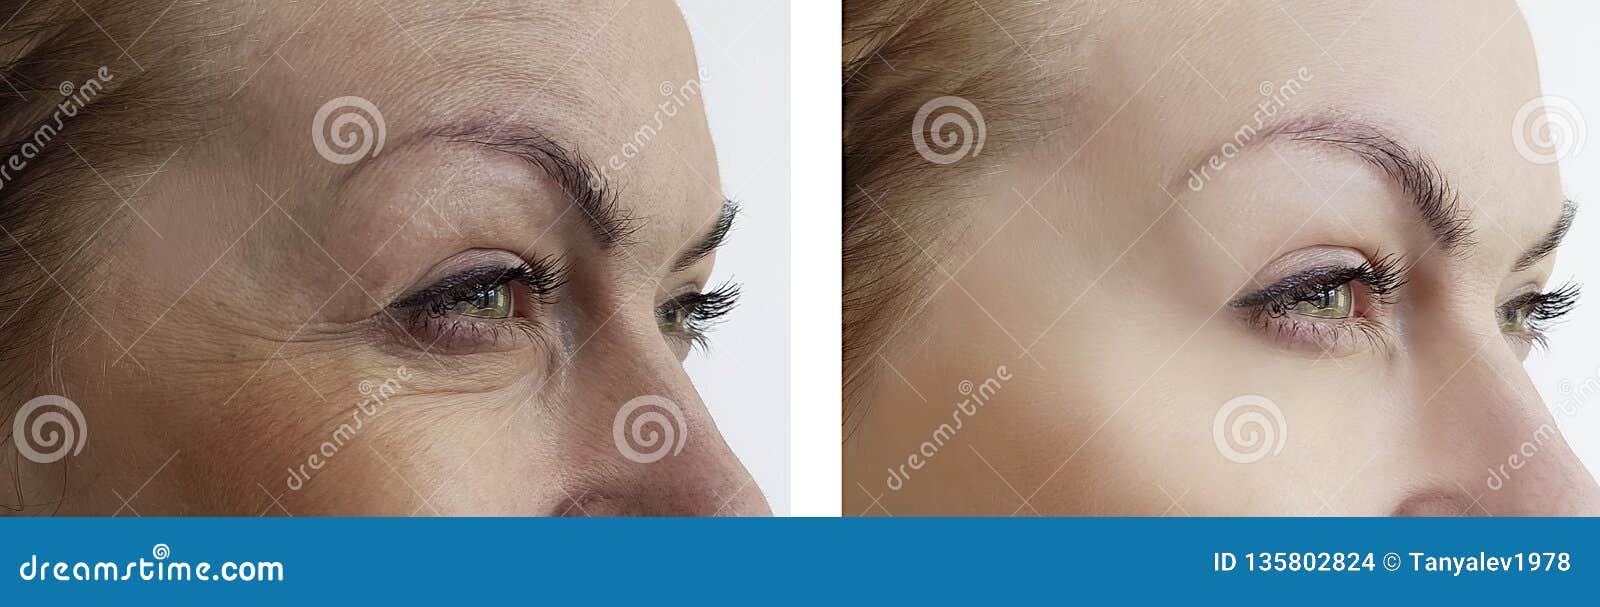 La ragazza corruga l occhio di rimozione prima e dopo i trattamenti di sollevamento di terapia